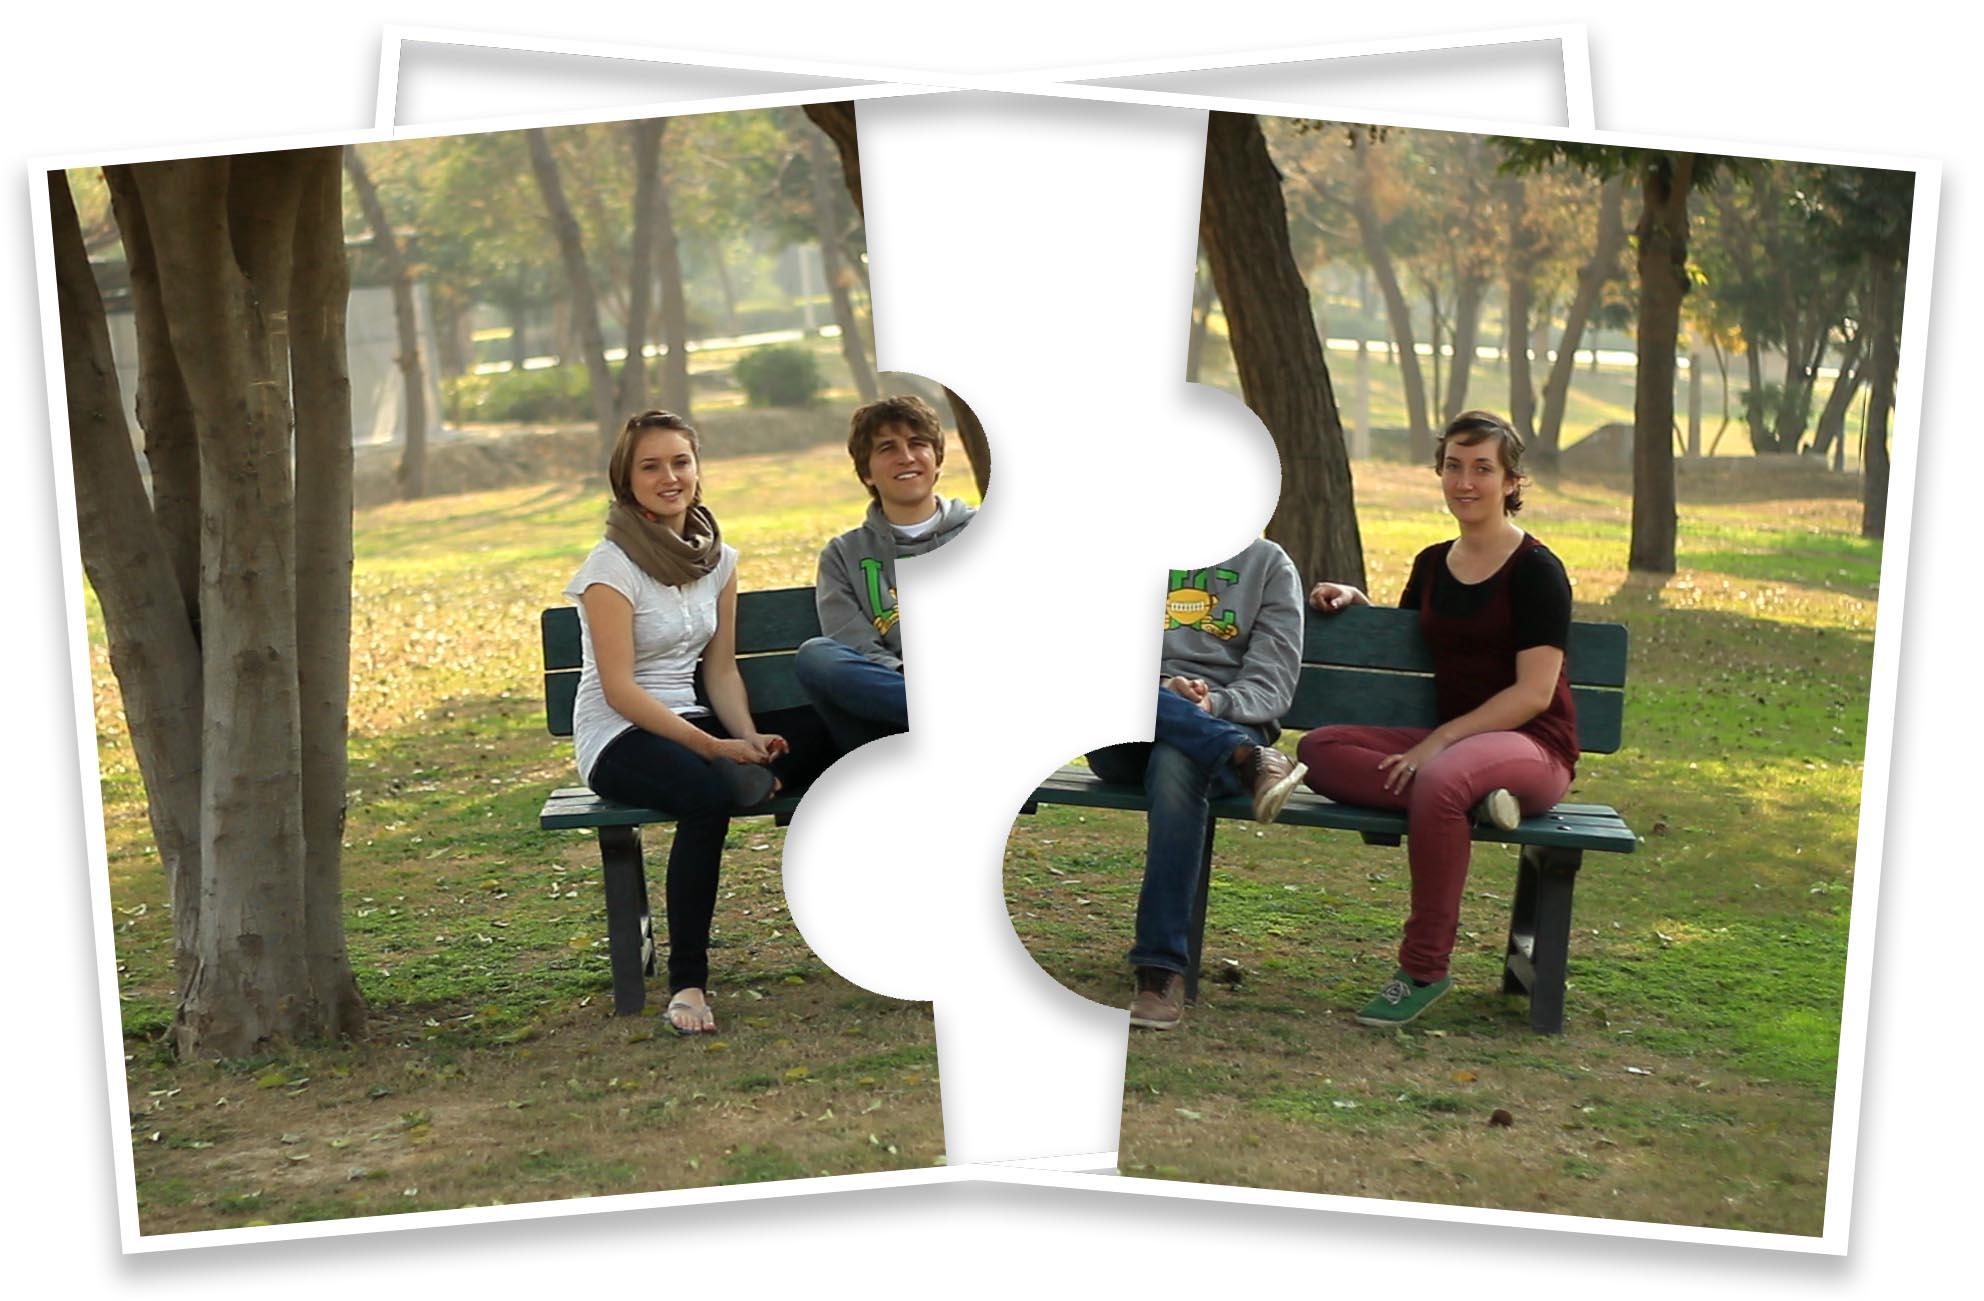 iPhone groepsfoto's